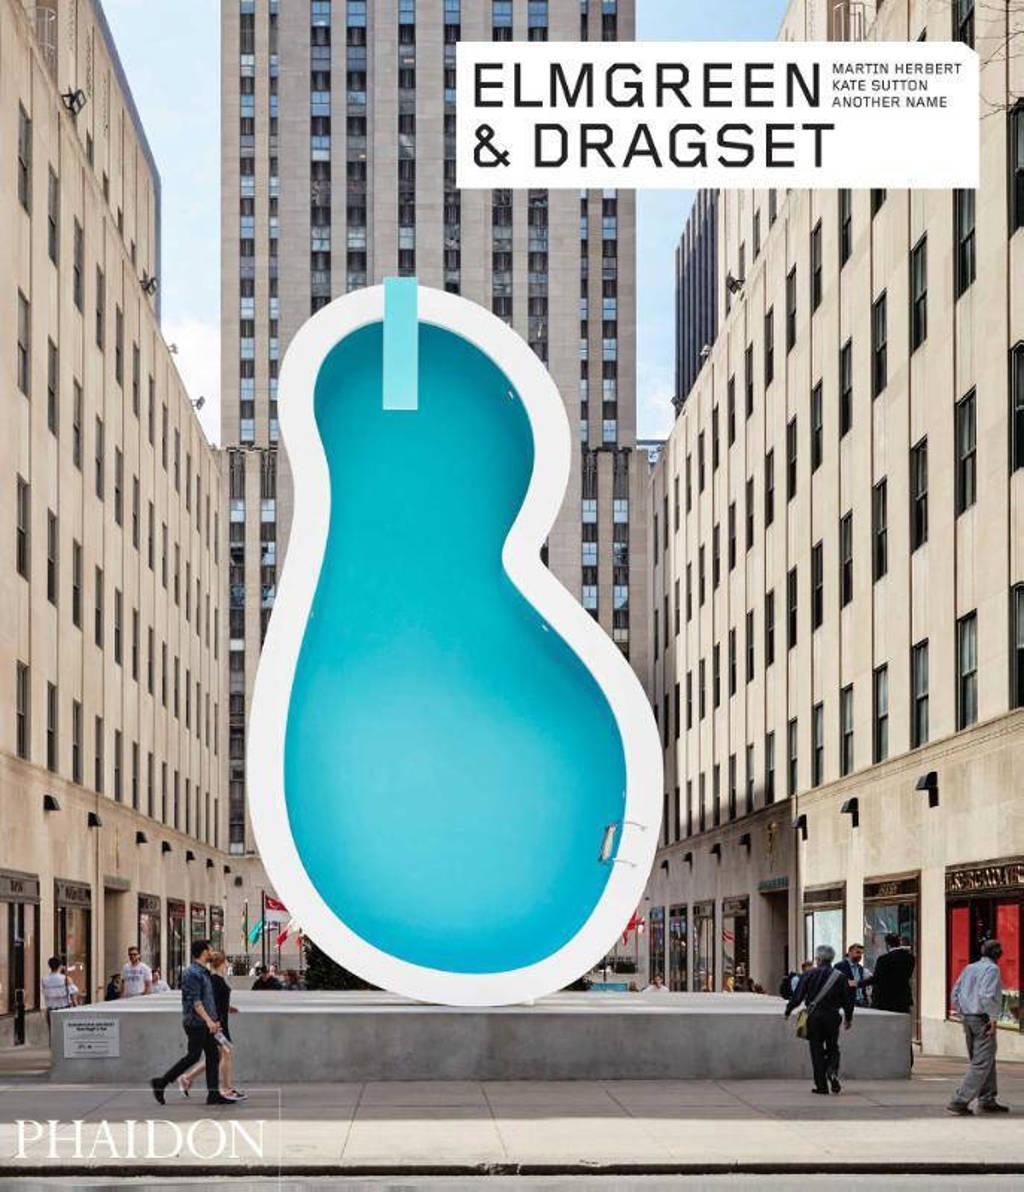 Elmgreen & Dragset - Martin Herbert